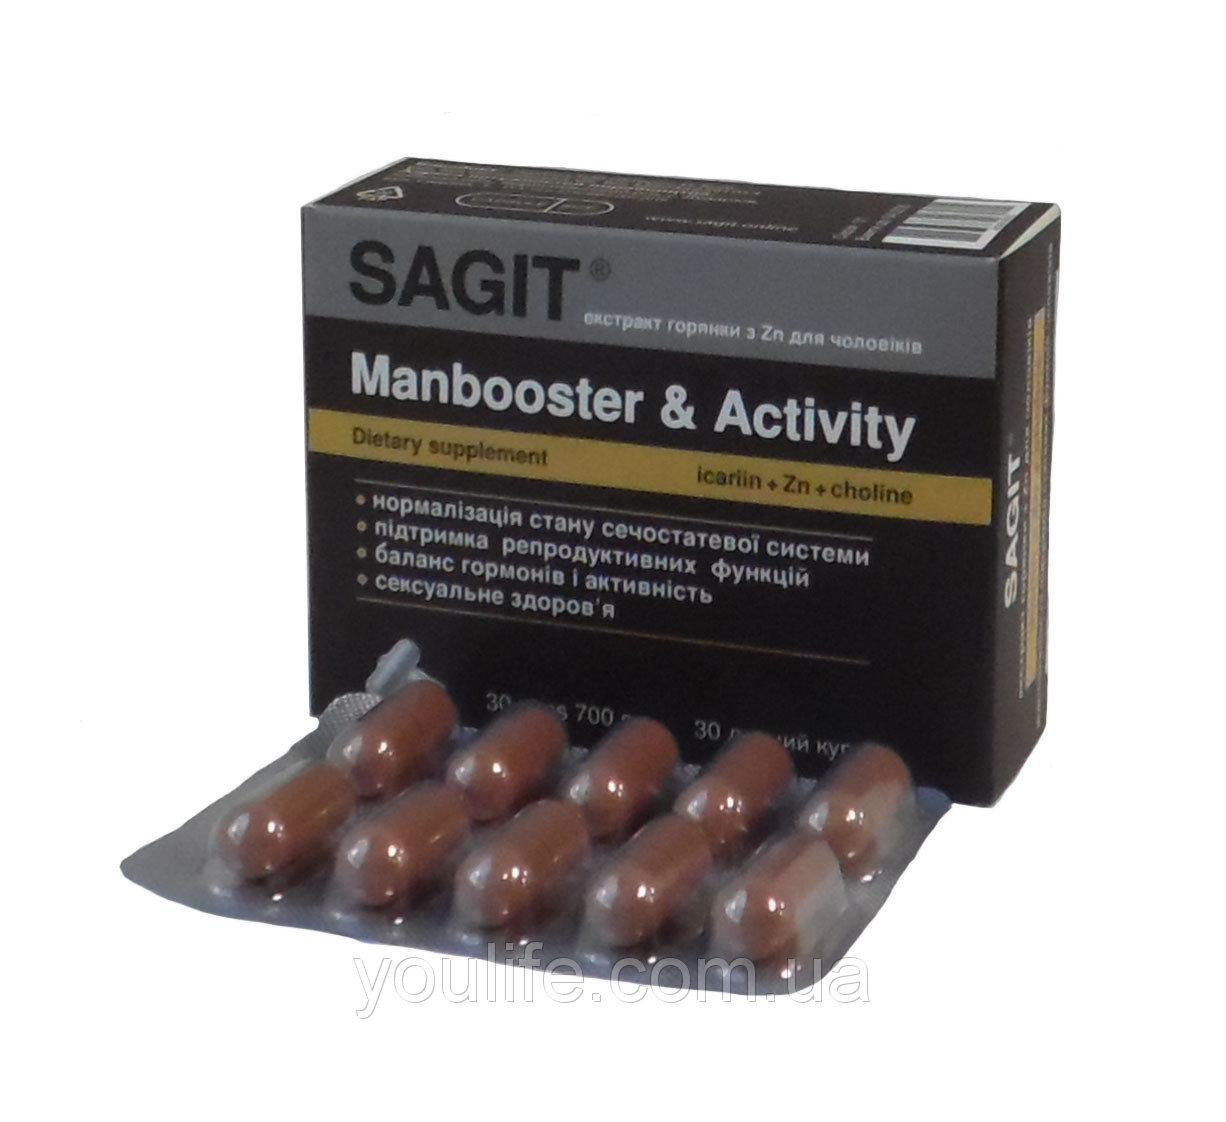 Сагит диетическая добавка с экстракт горянки с цинком для мужчин 30 капс Витерра